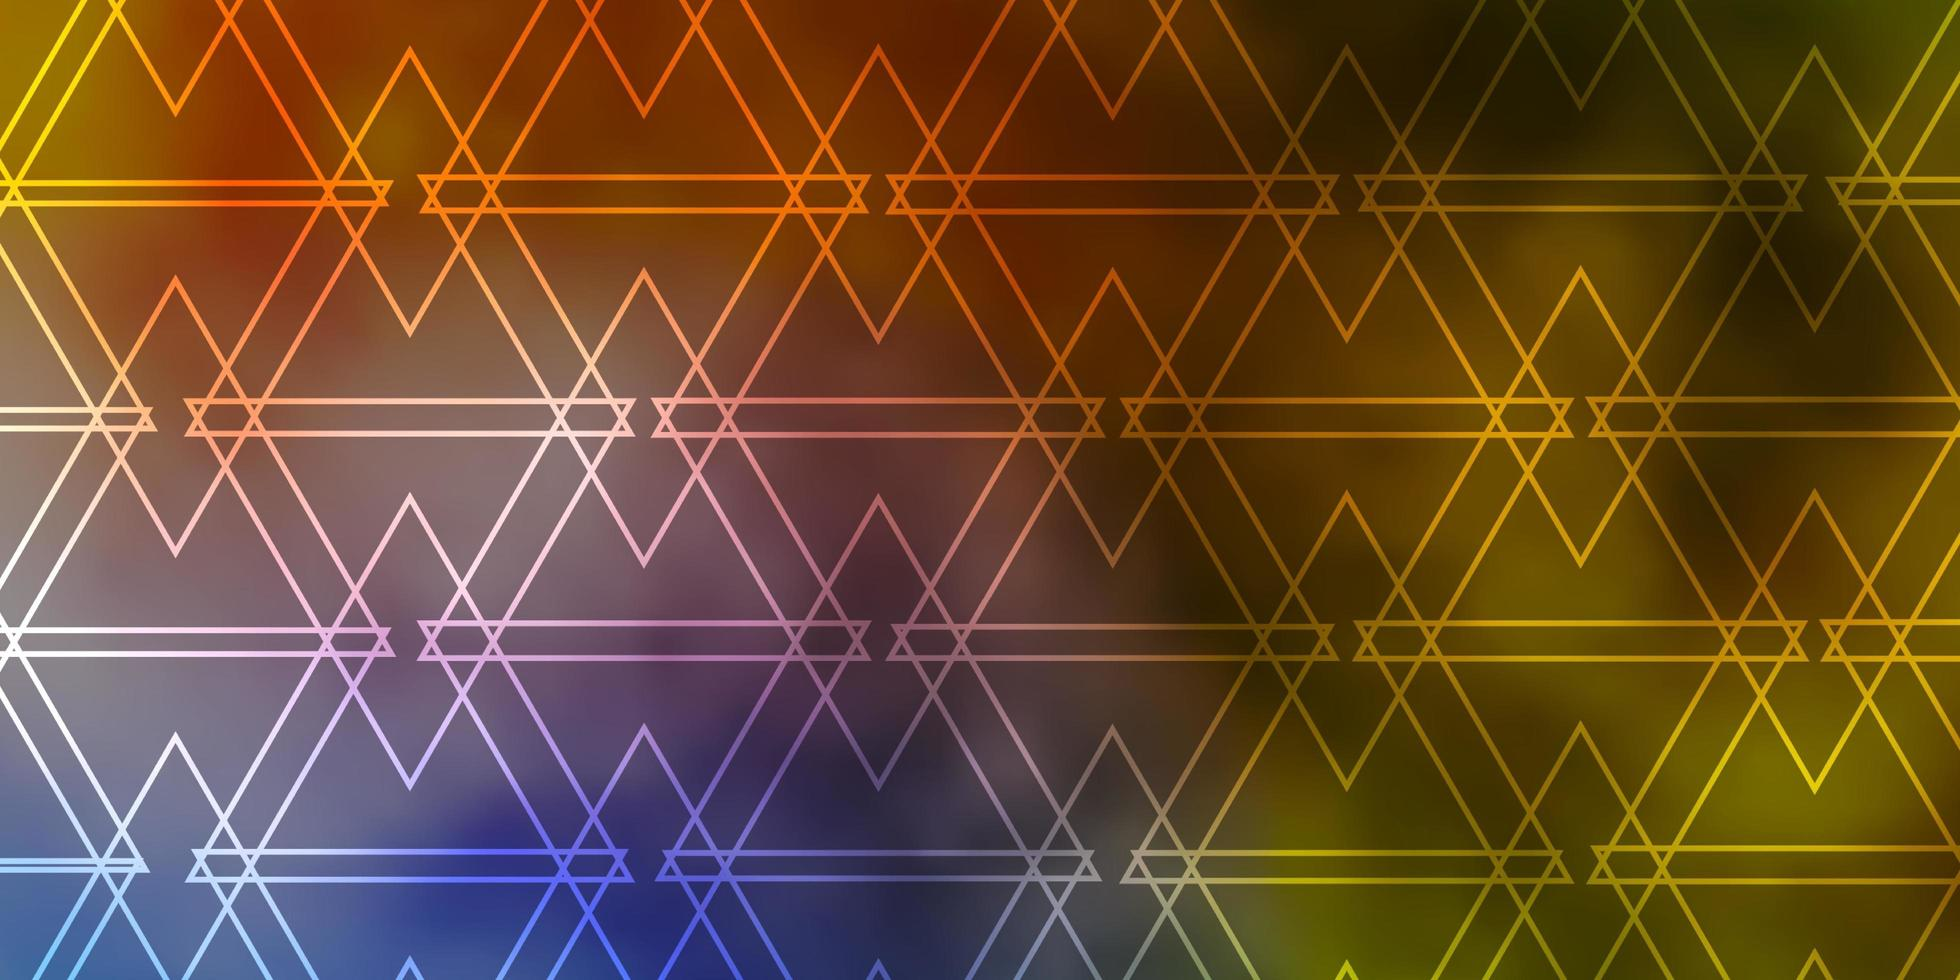 layout de vetor azul e amarelo claro com linhas, triângulos.